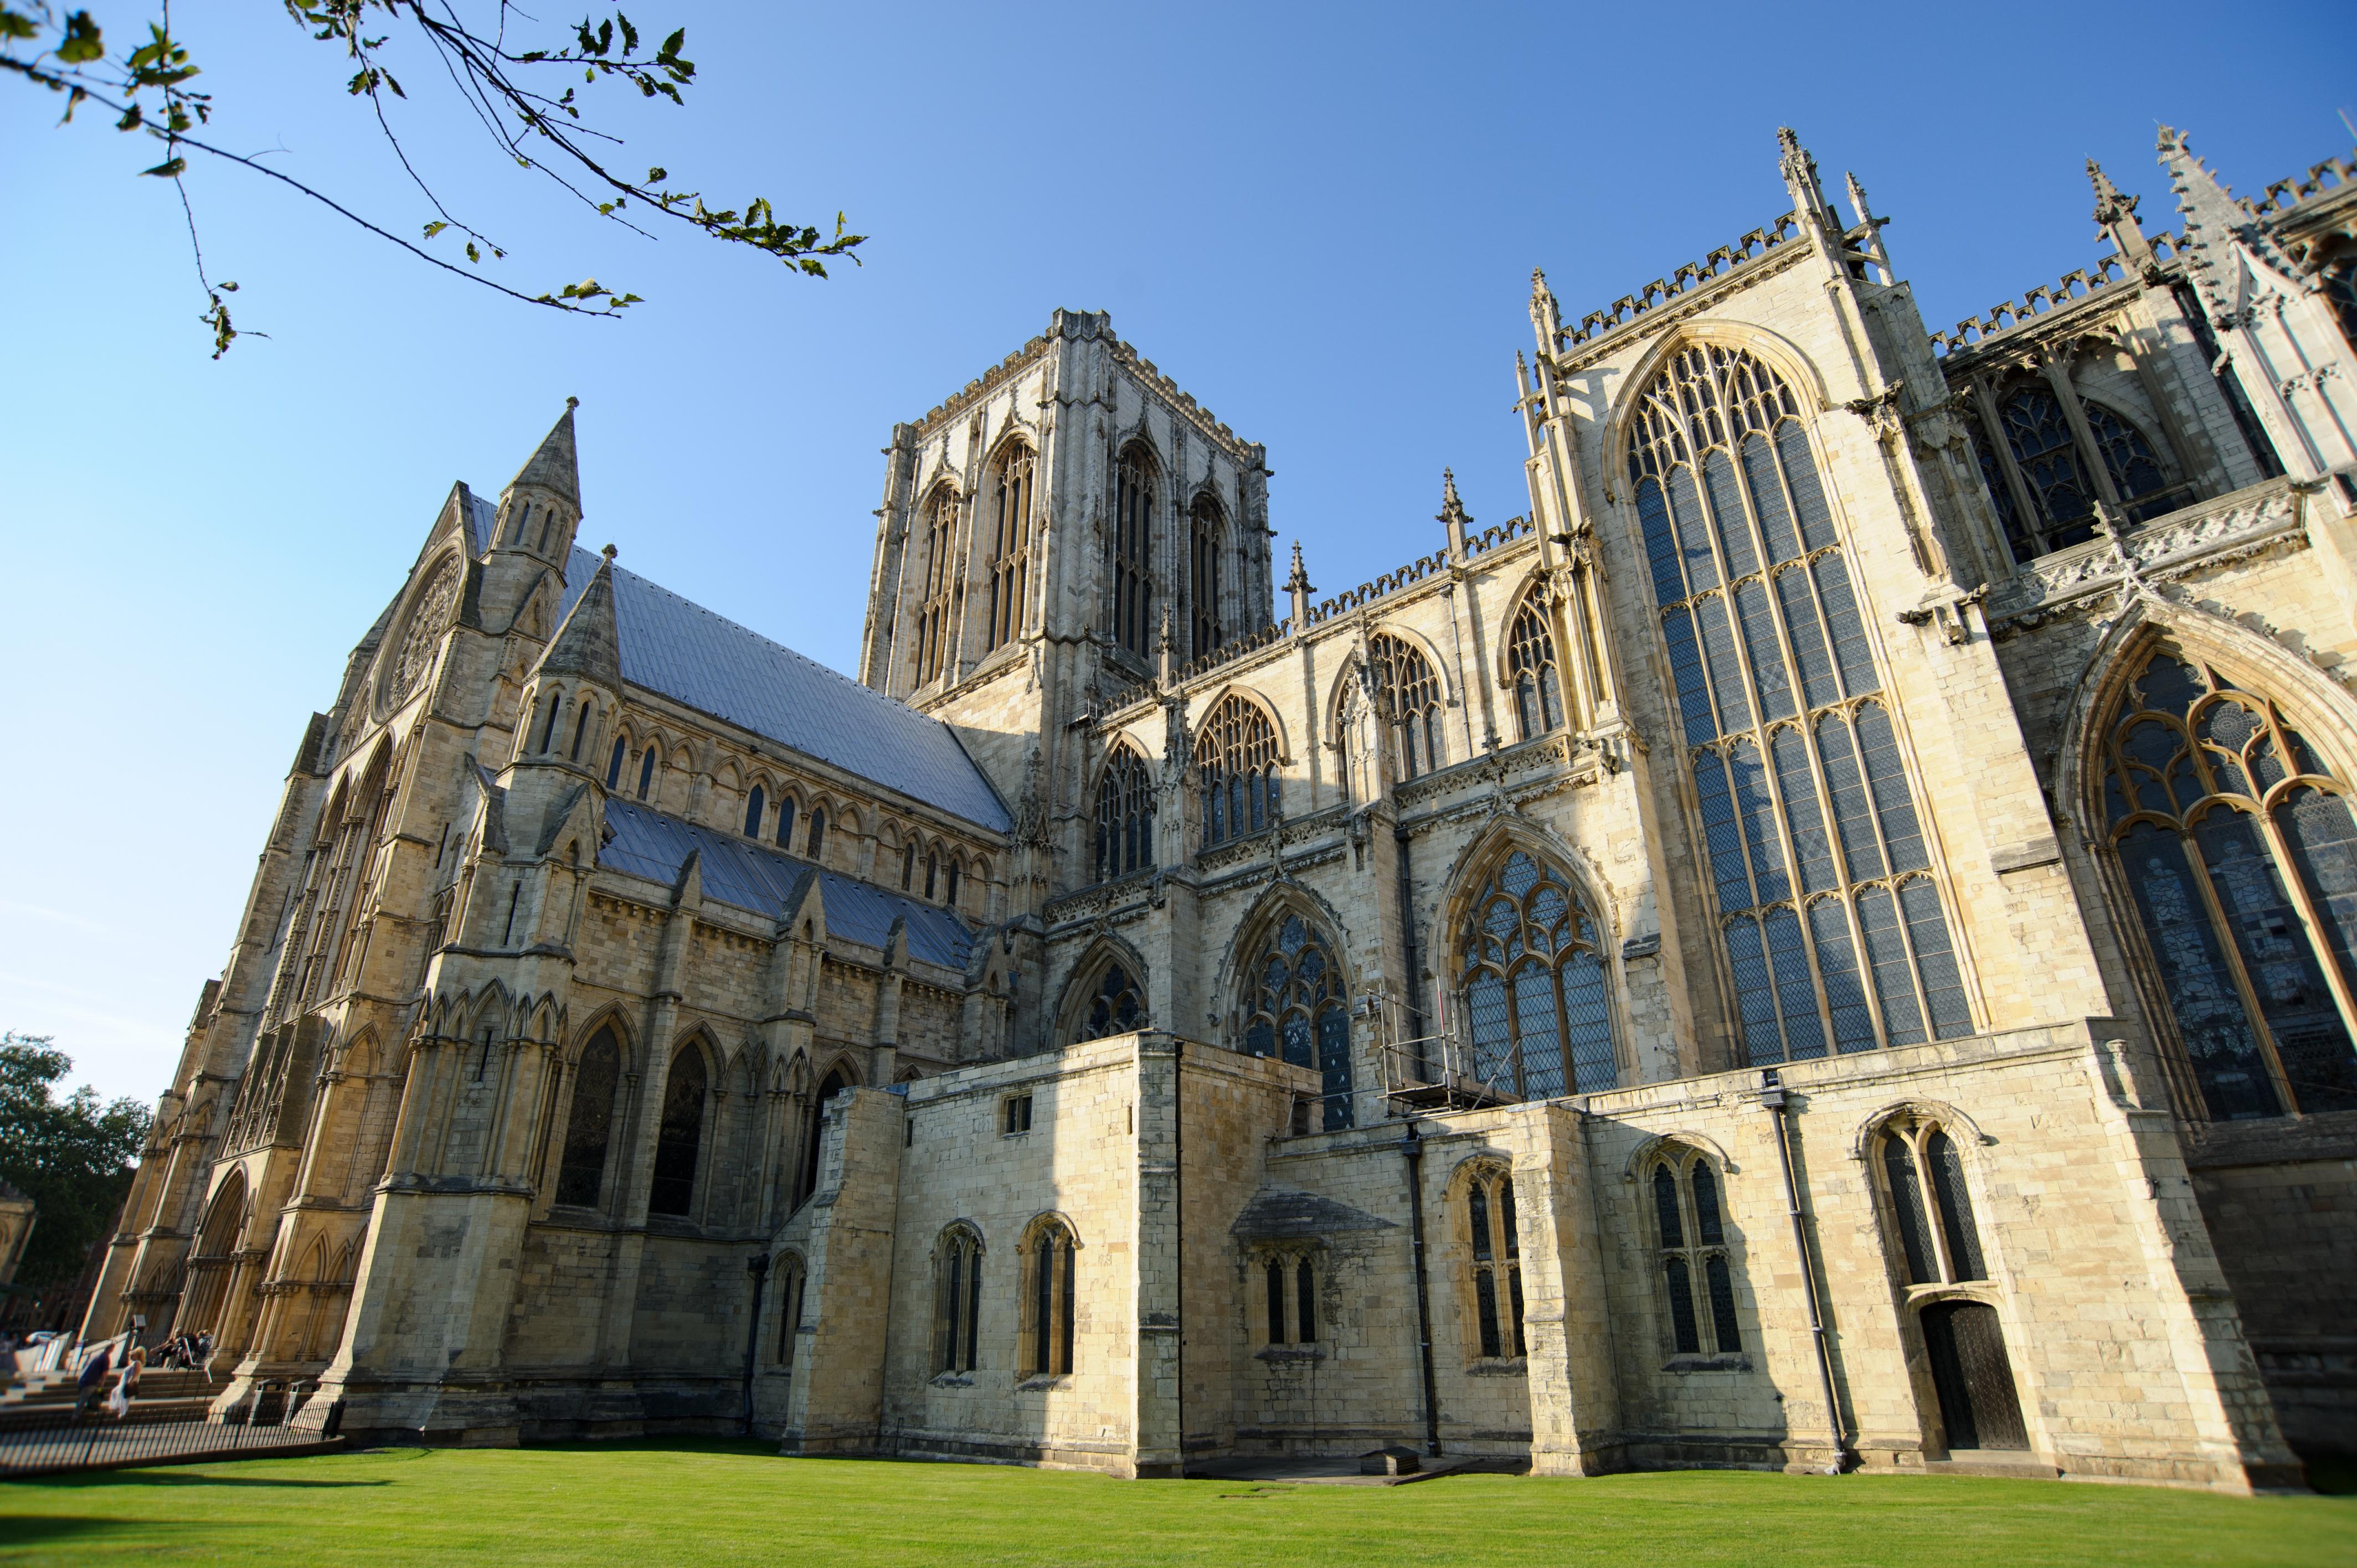 Hành trình du lịch Anh - Scotland 10N9Đ - Nhà thờ York